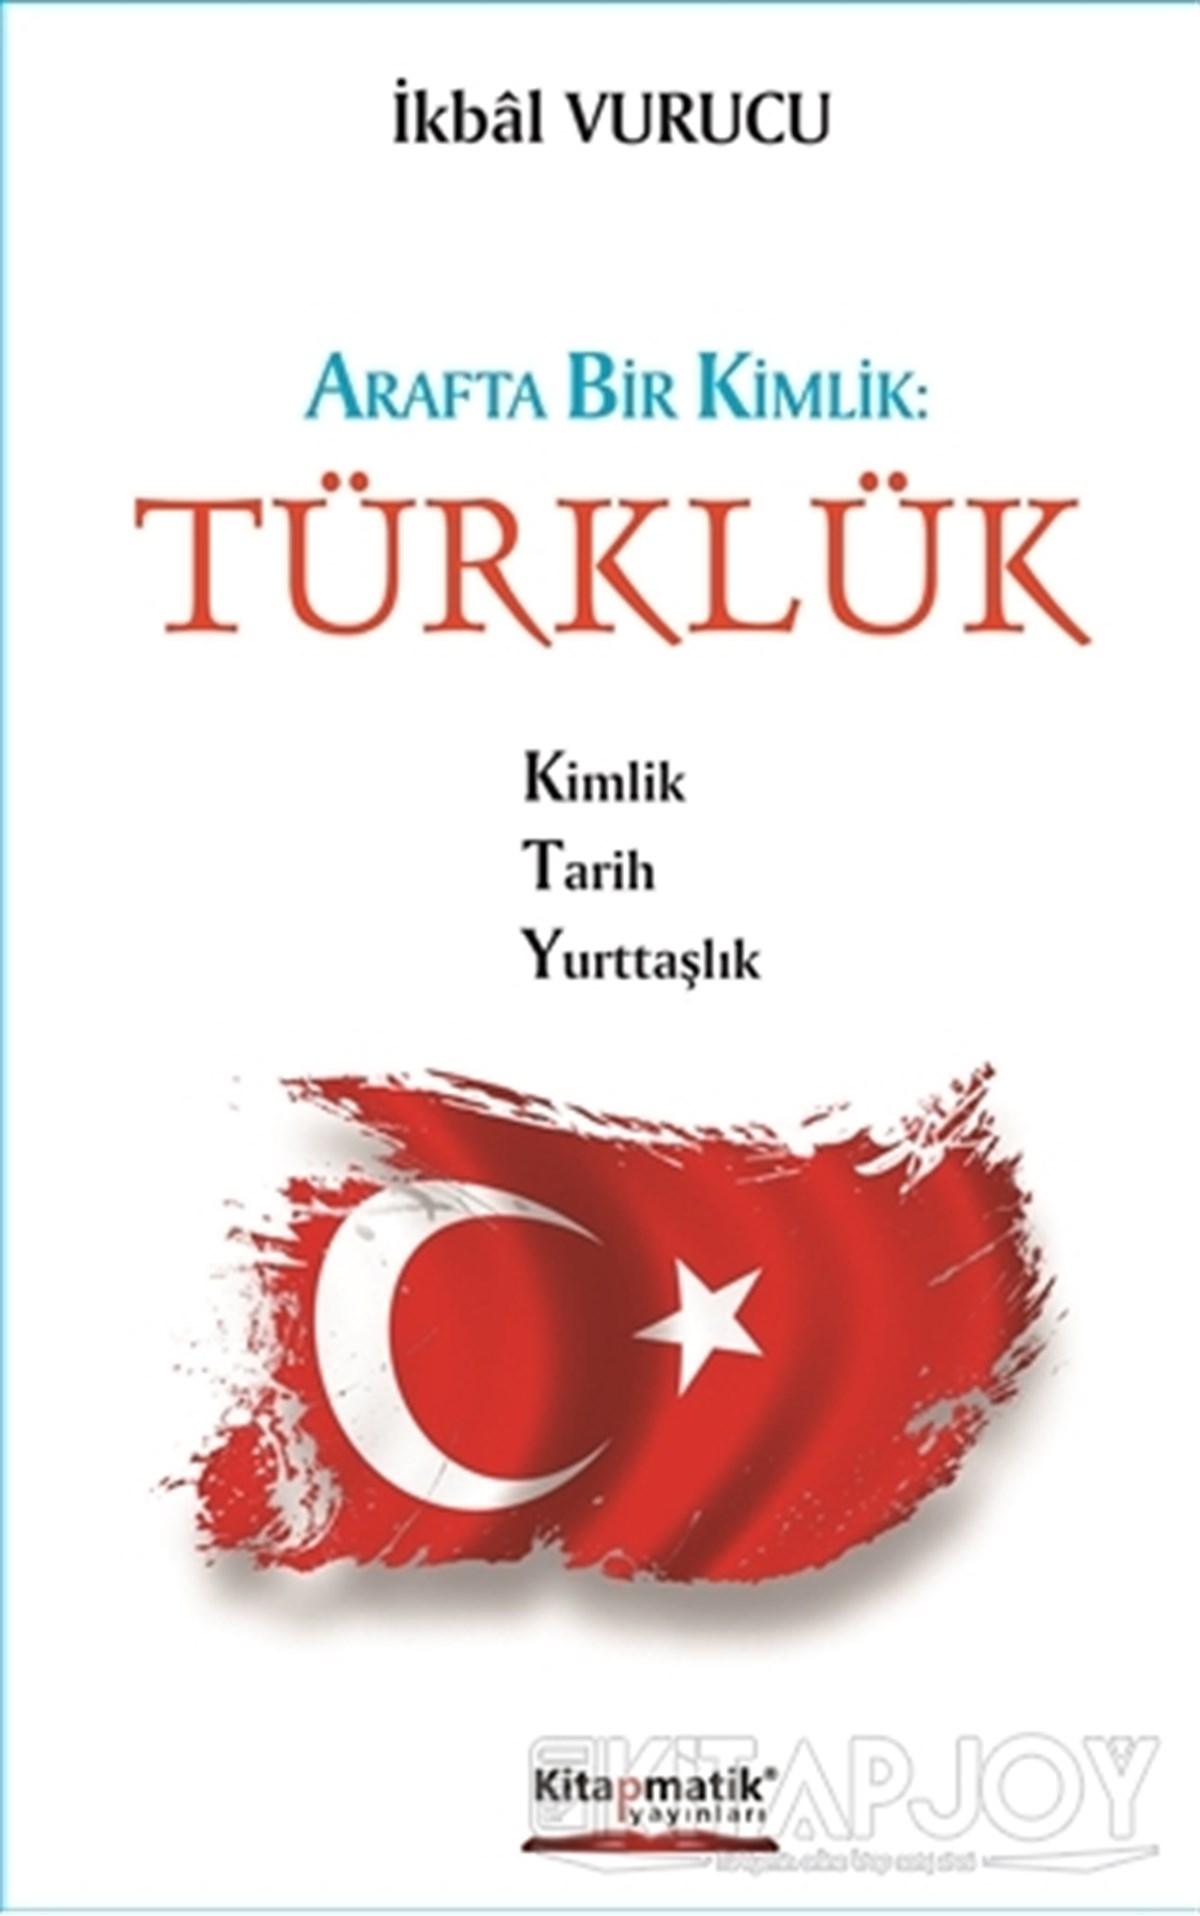 Arafta Bir Kimlik: Türklük İkbâl Vurucu